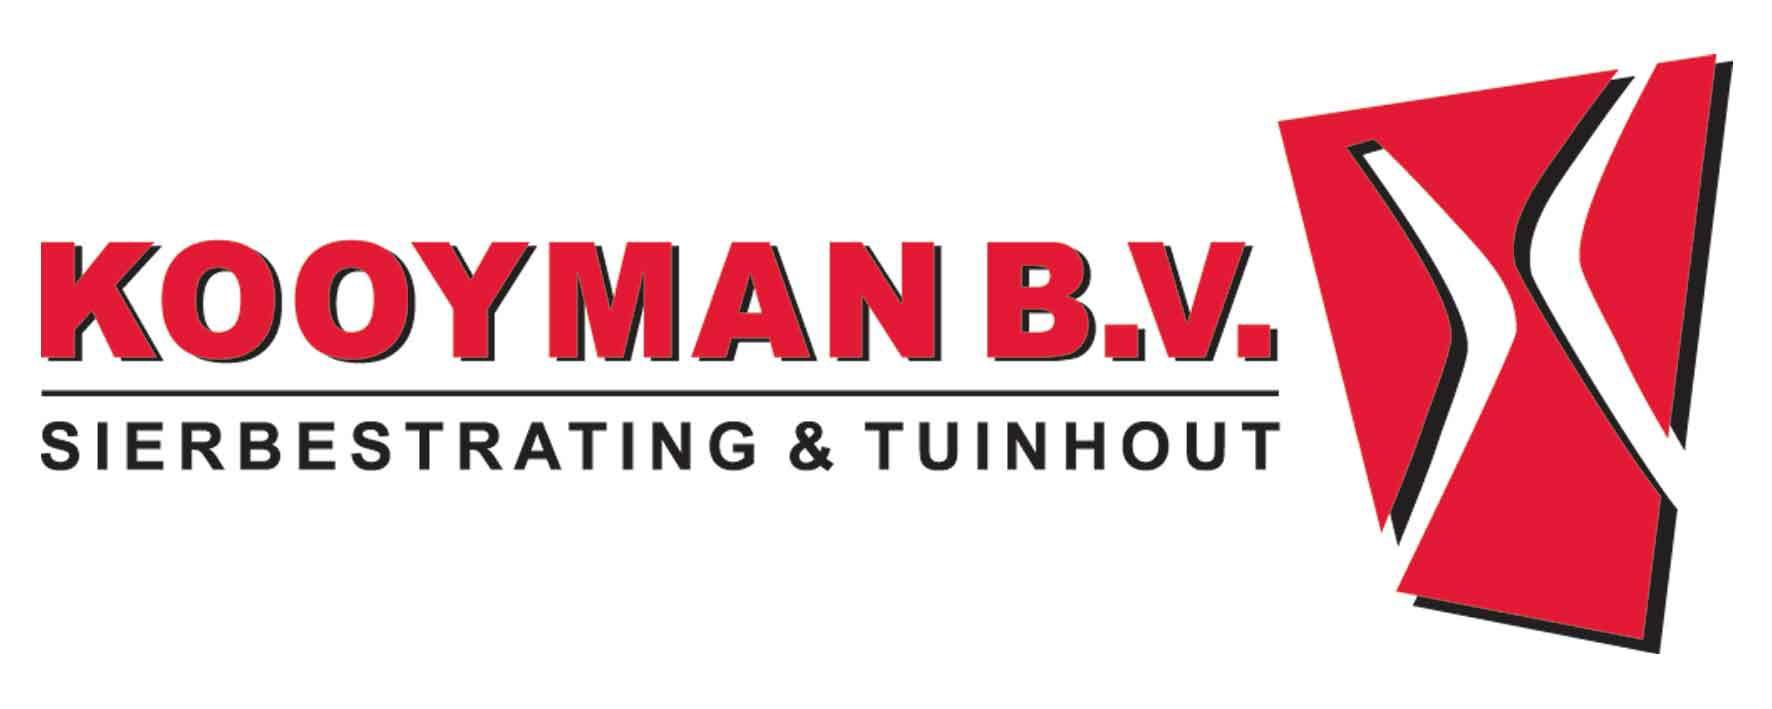 Kooyman B.V. Sierbestrating & Tuinhout